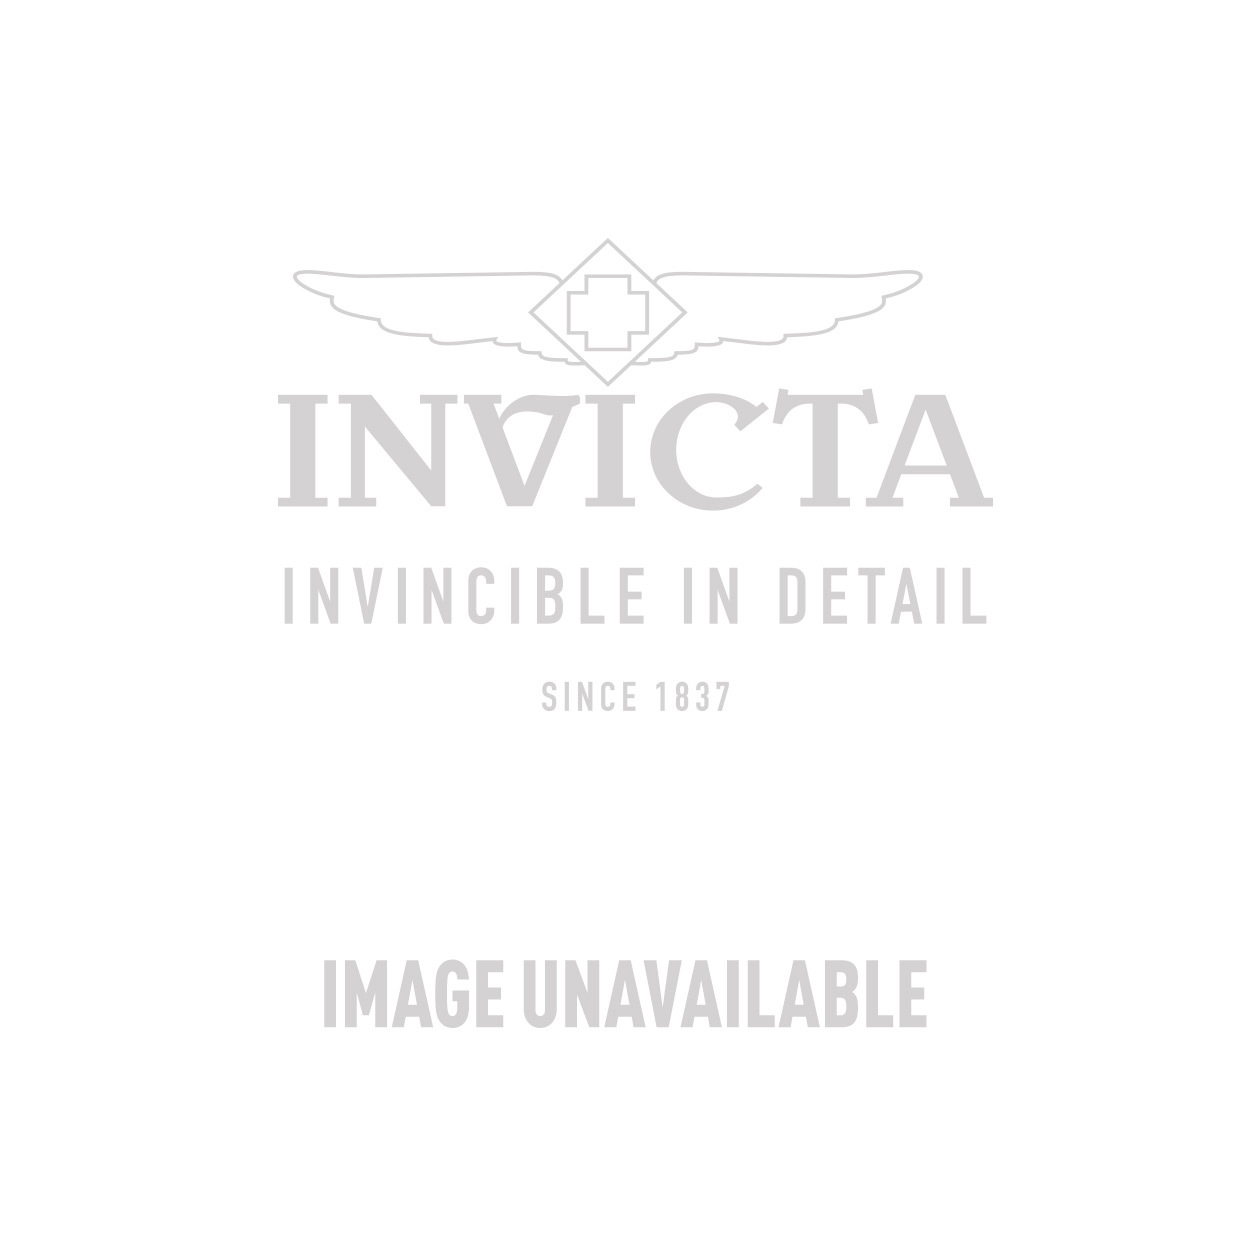 Invicta Model 27698